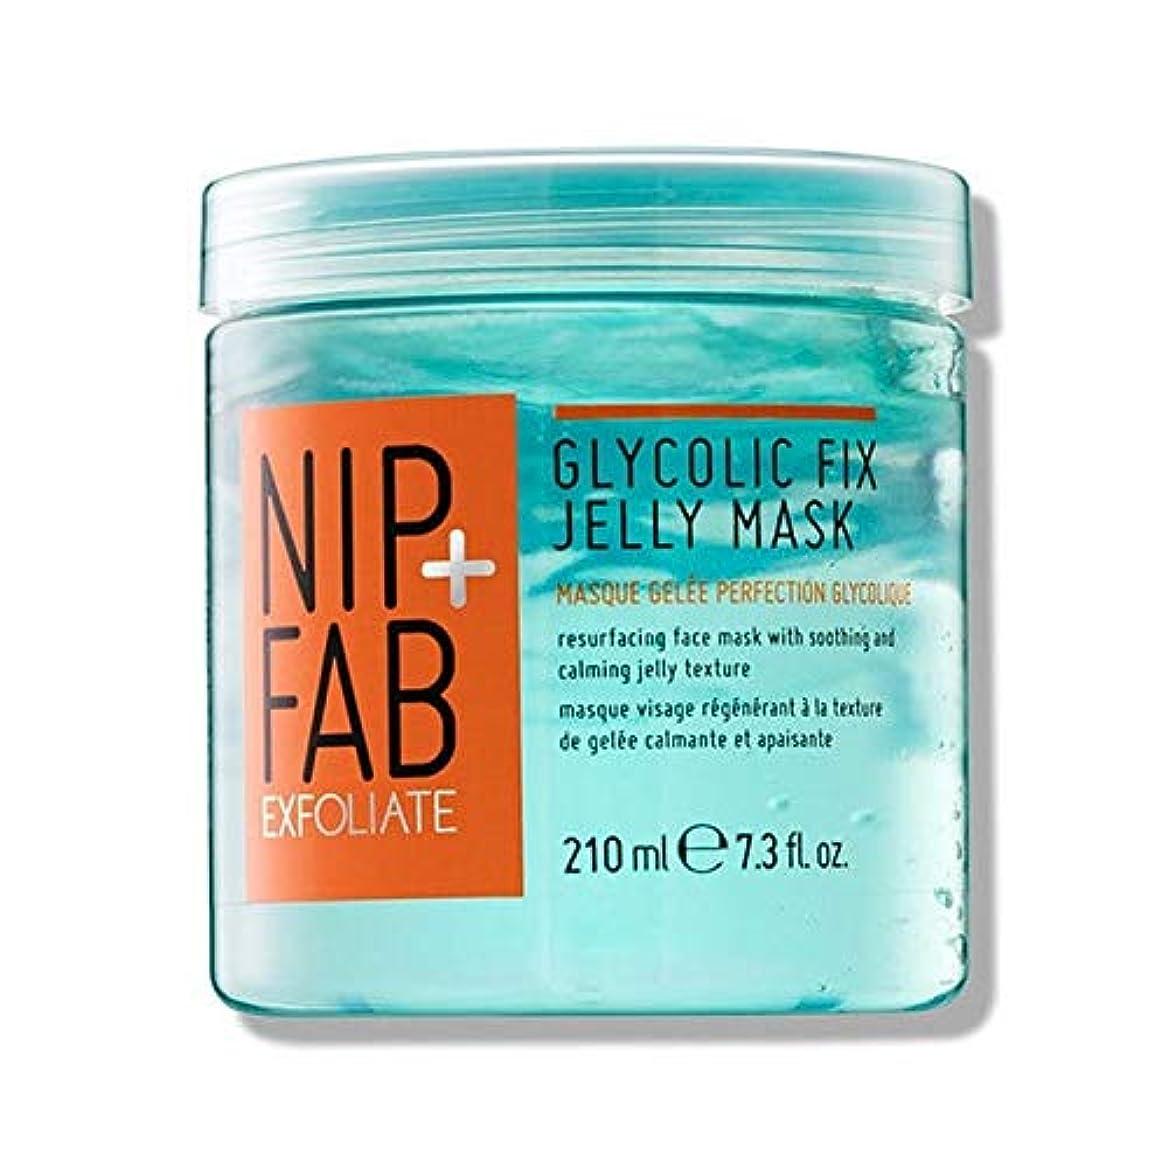 協定ギャザーよろめく[Nip & Fab] + Fabグリコール修正ゼリーマスク210ミリリットルニップ - NIP+FAB Glycolic Fix Jelly mask 210ml [並行輸入品]